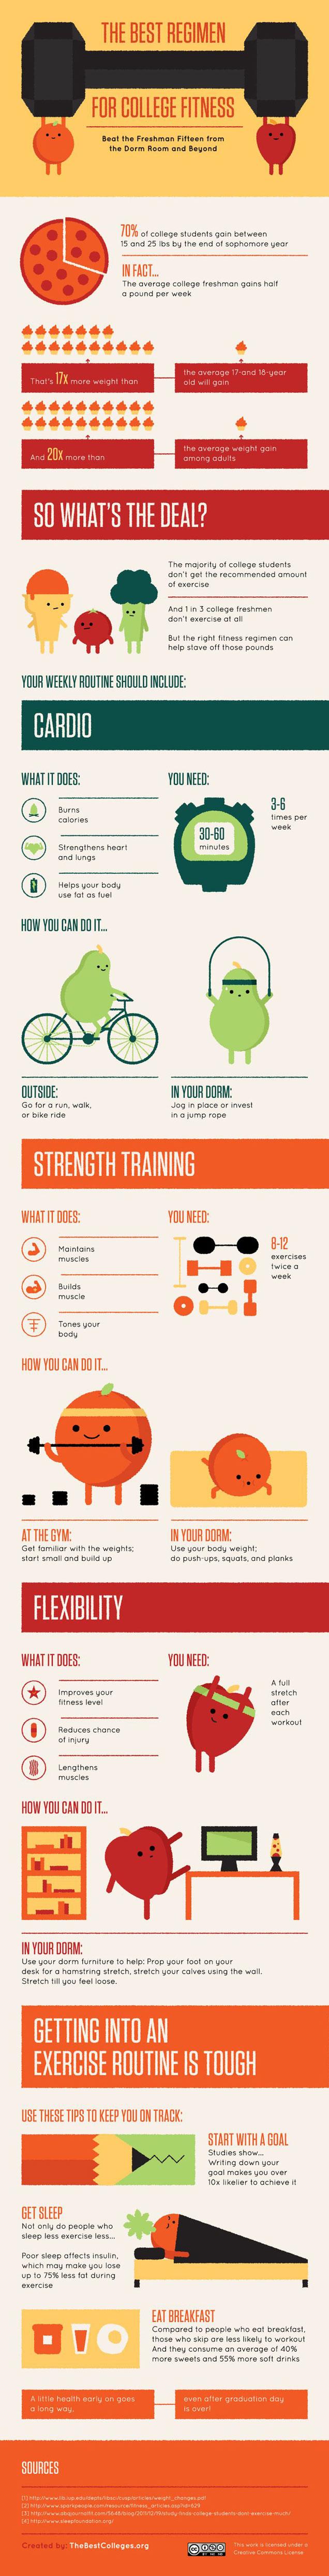 fitness-regimen